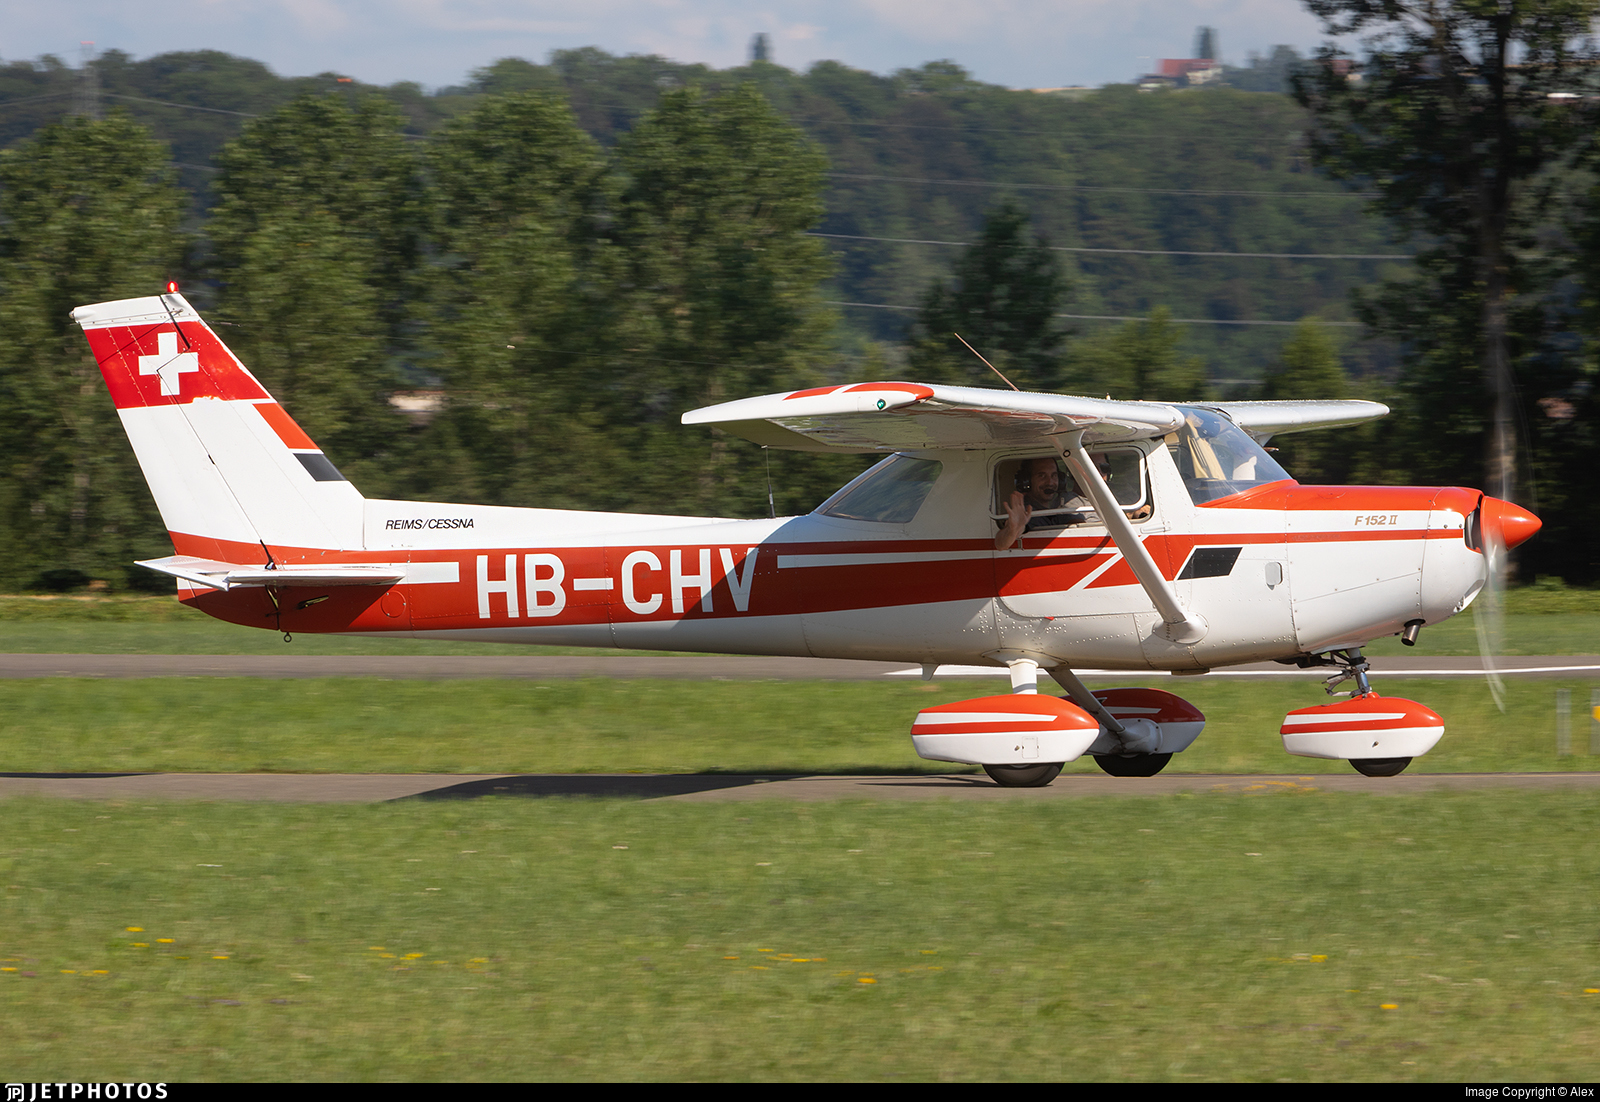 HB-CHV - Reims-Cessna F152 II - Private